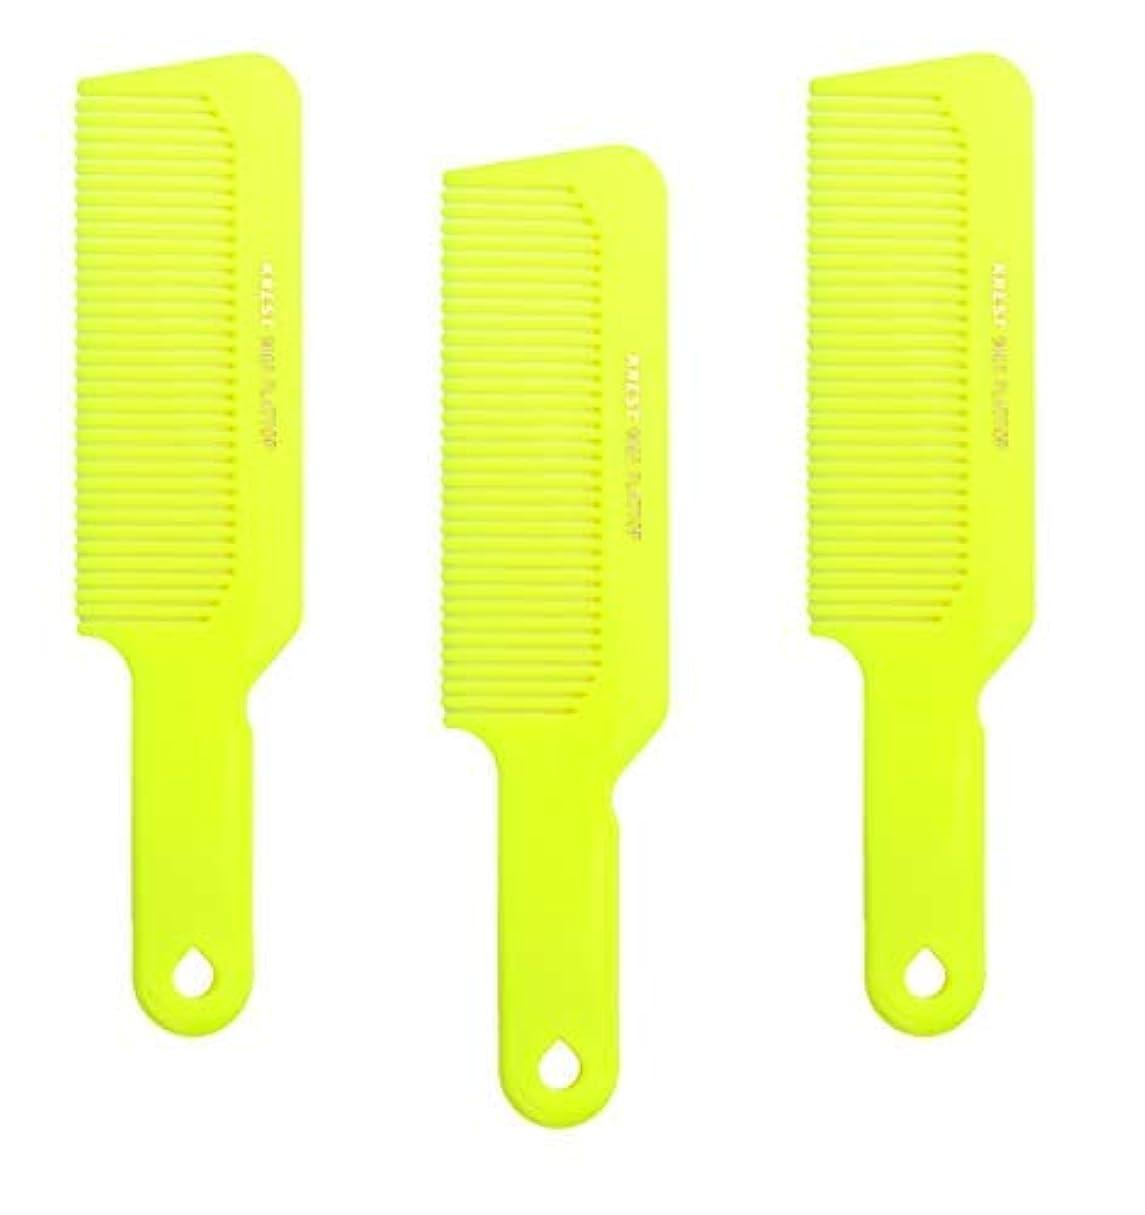 教救援不透明なHair Comb 8-3/4 Flattop Hair Cutting Comb. Barbers Hairdresser Comb. Model 9001. 3 Combs (Neon Yellow) [並行輸入品]